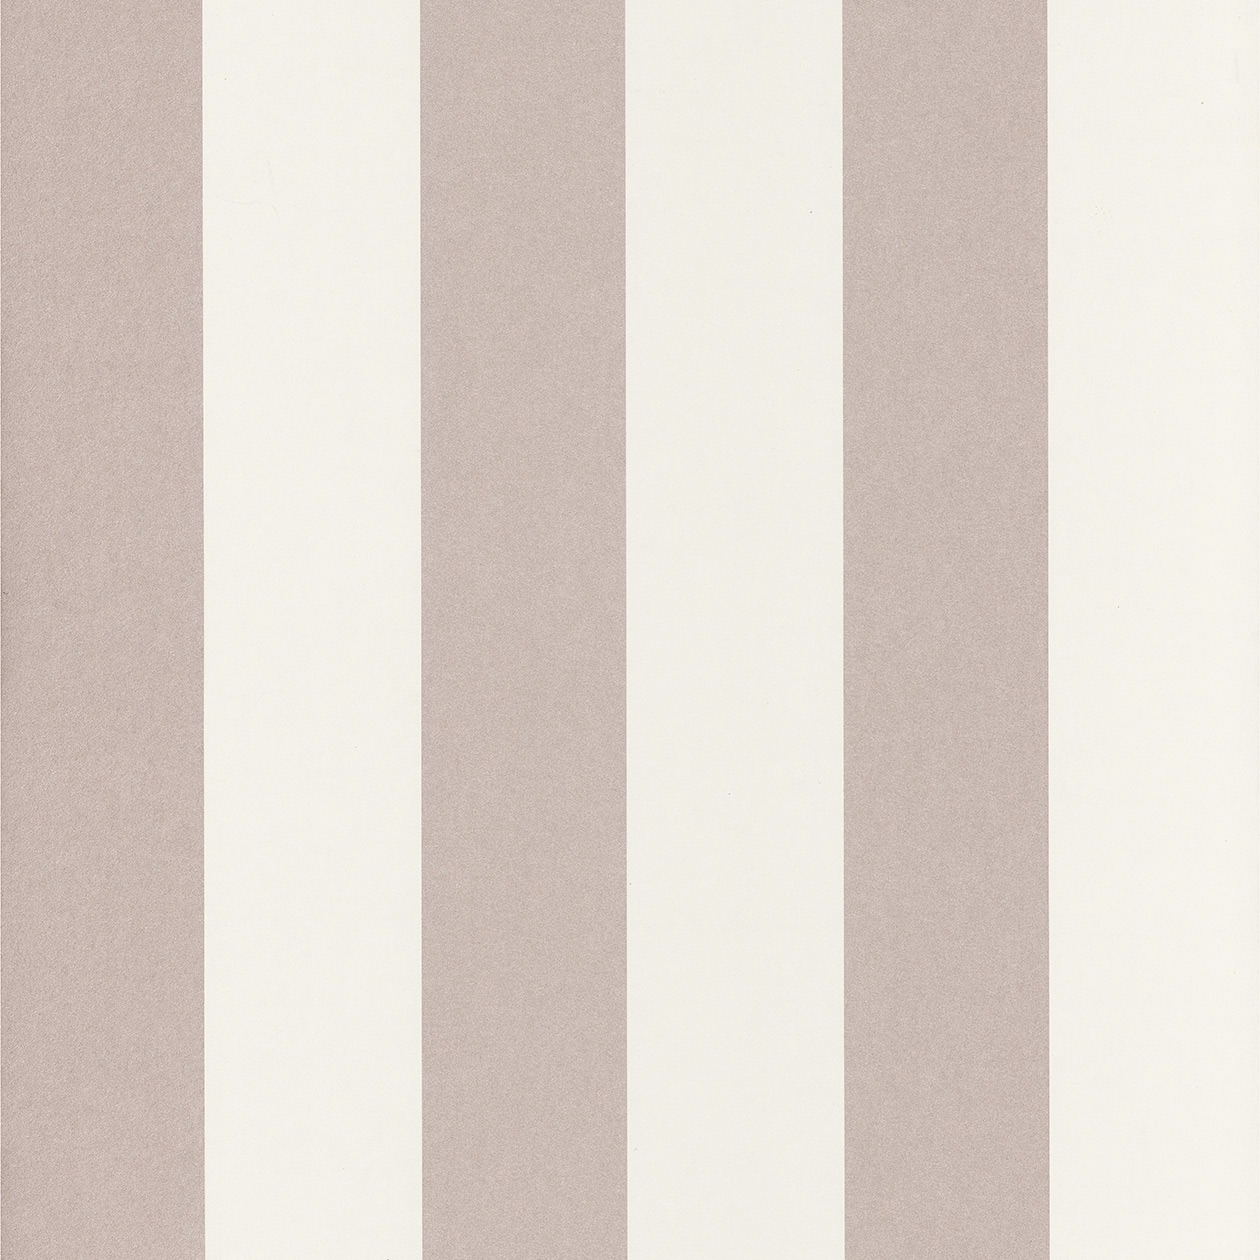 Французские обои Caselio,  коллекция Shades, артикулSHA60399000